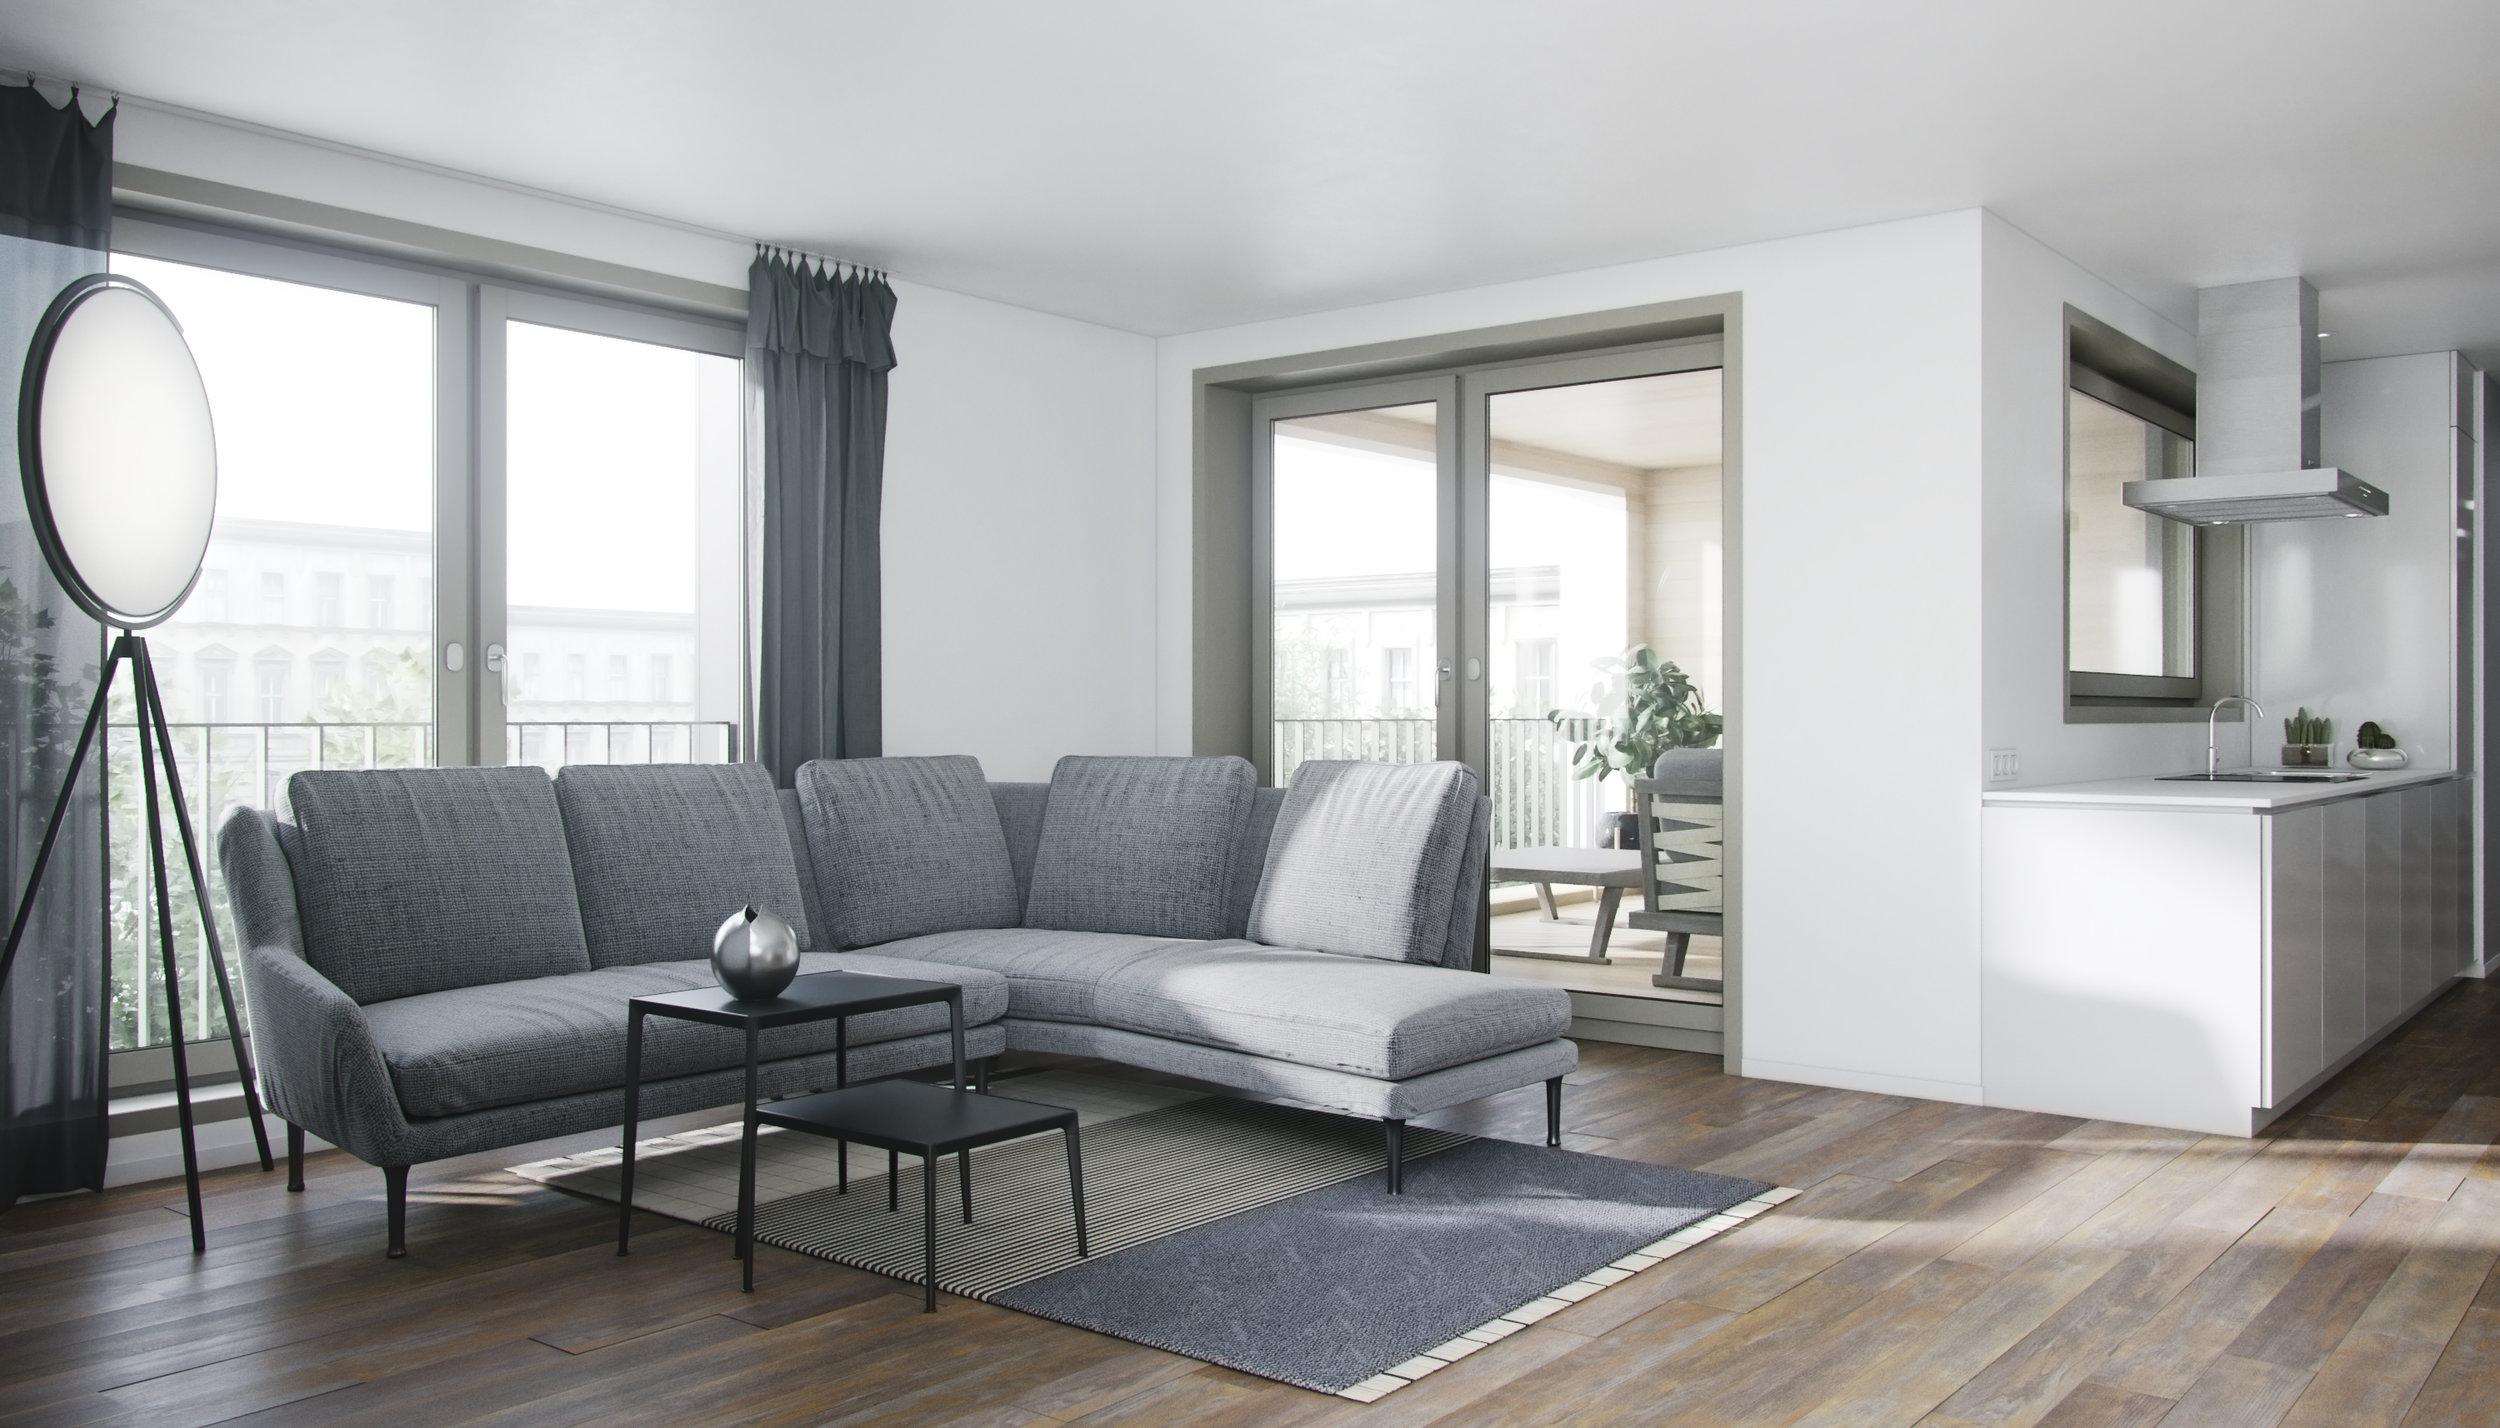 apartment cam3.jpg